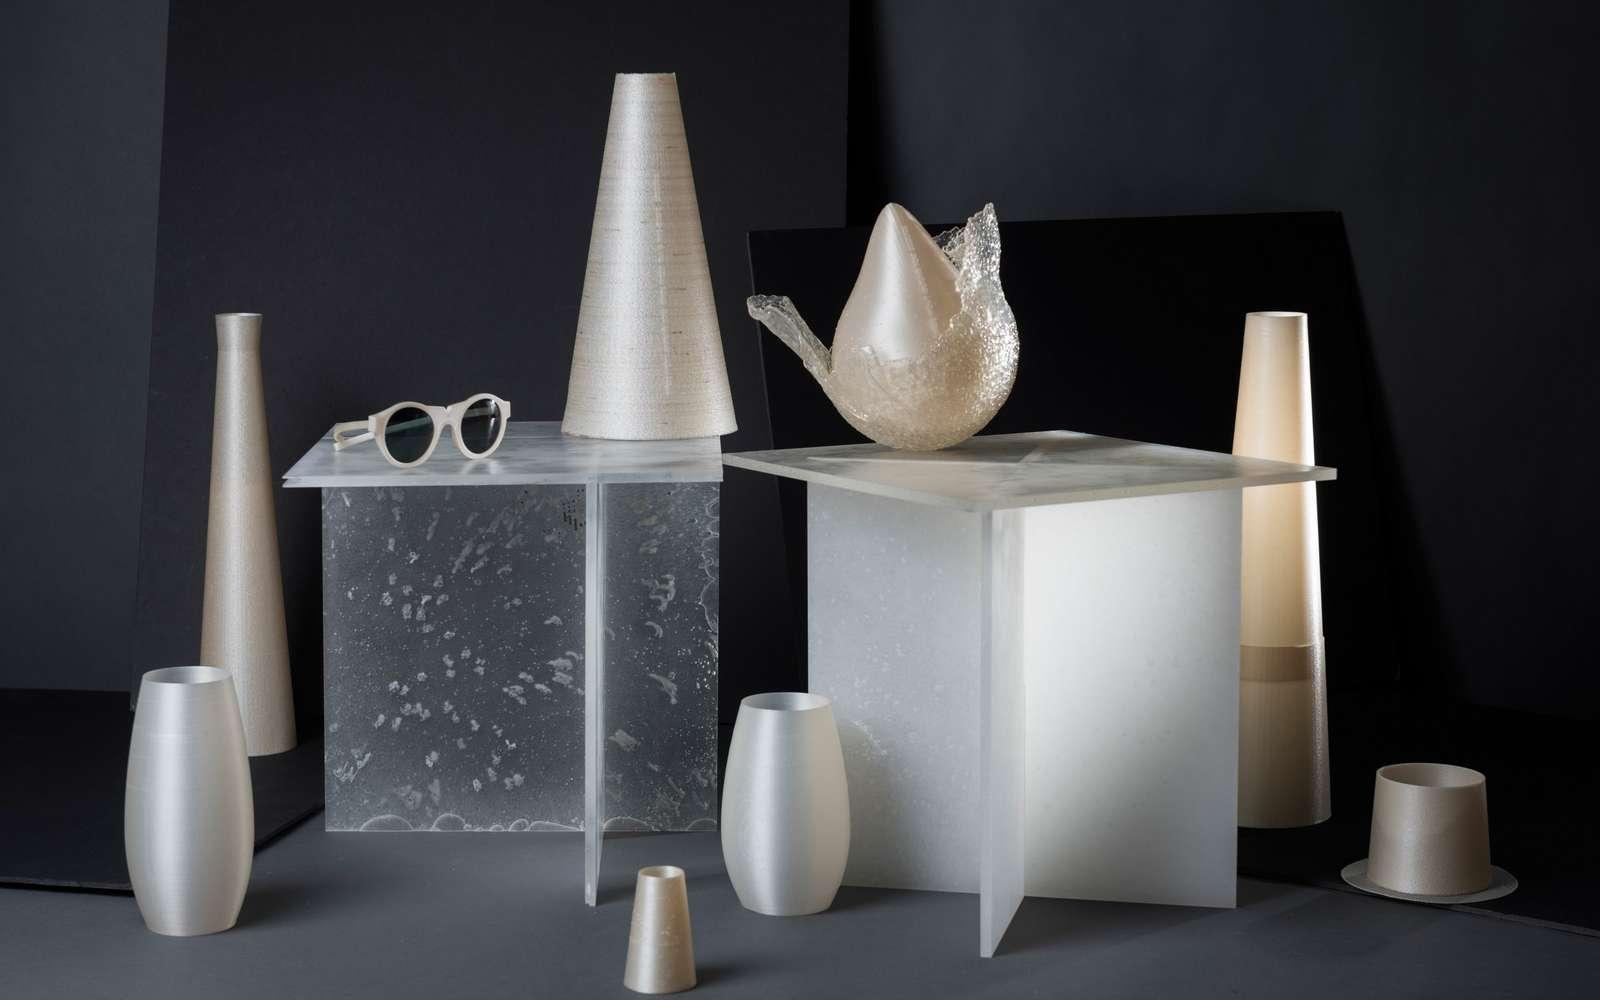 Quelques exemples d'objets fabriqués avec le bioplastique Nuatan. © Adam Šakový